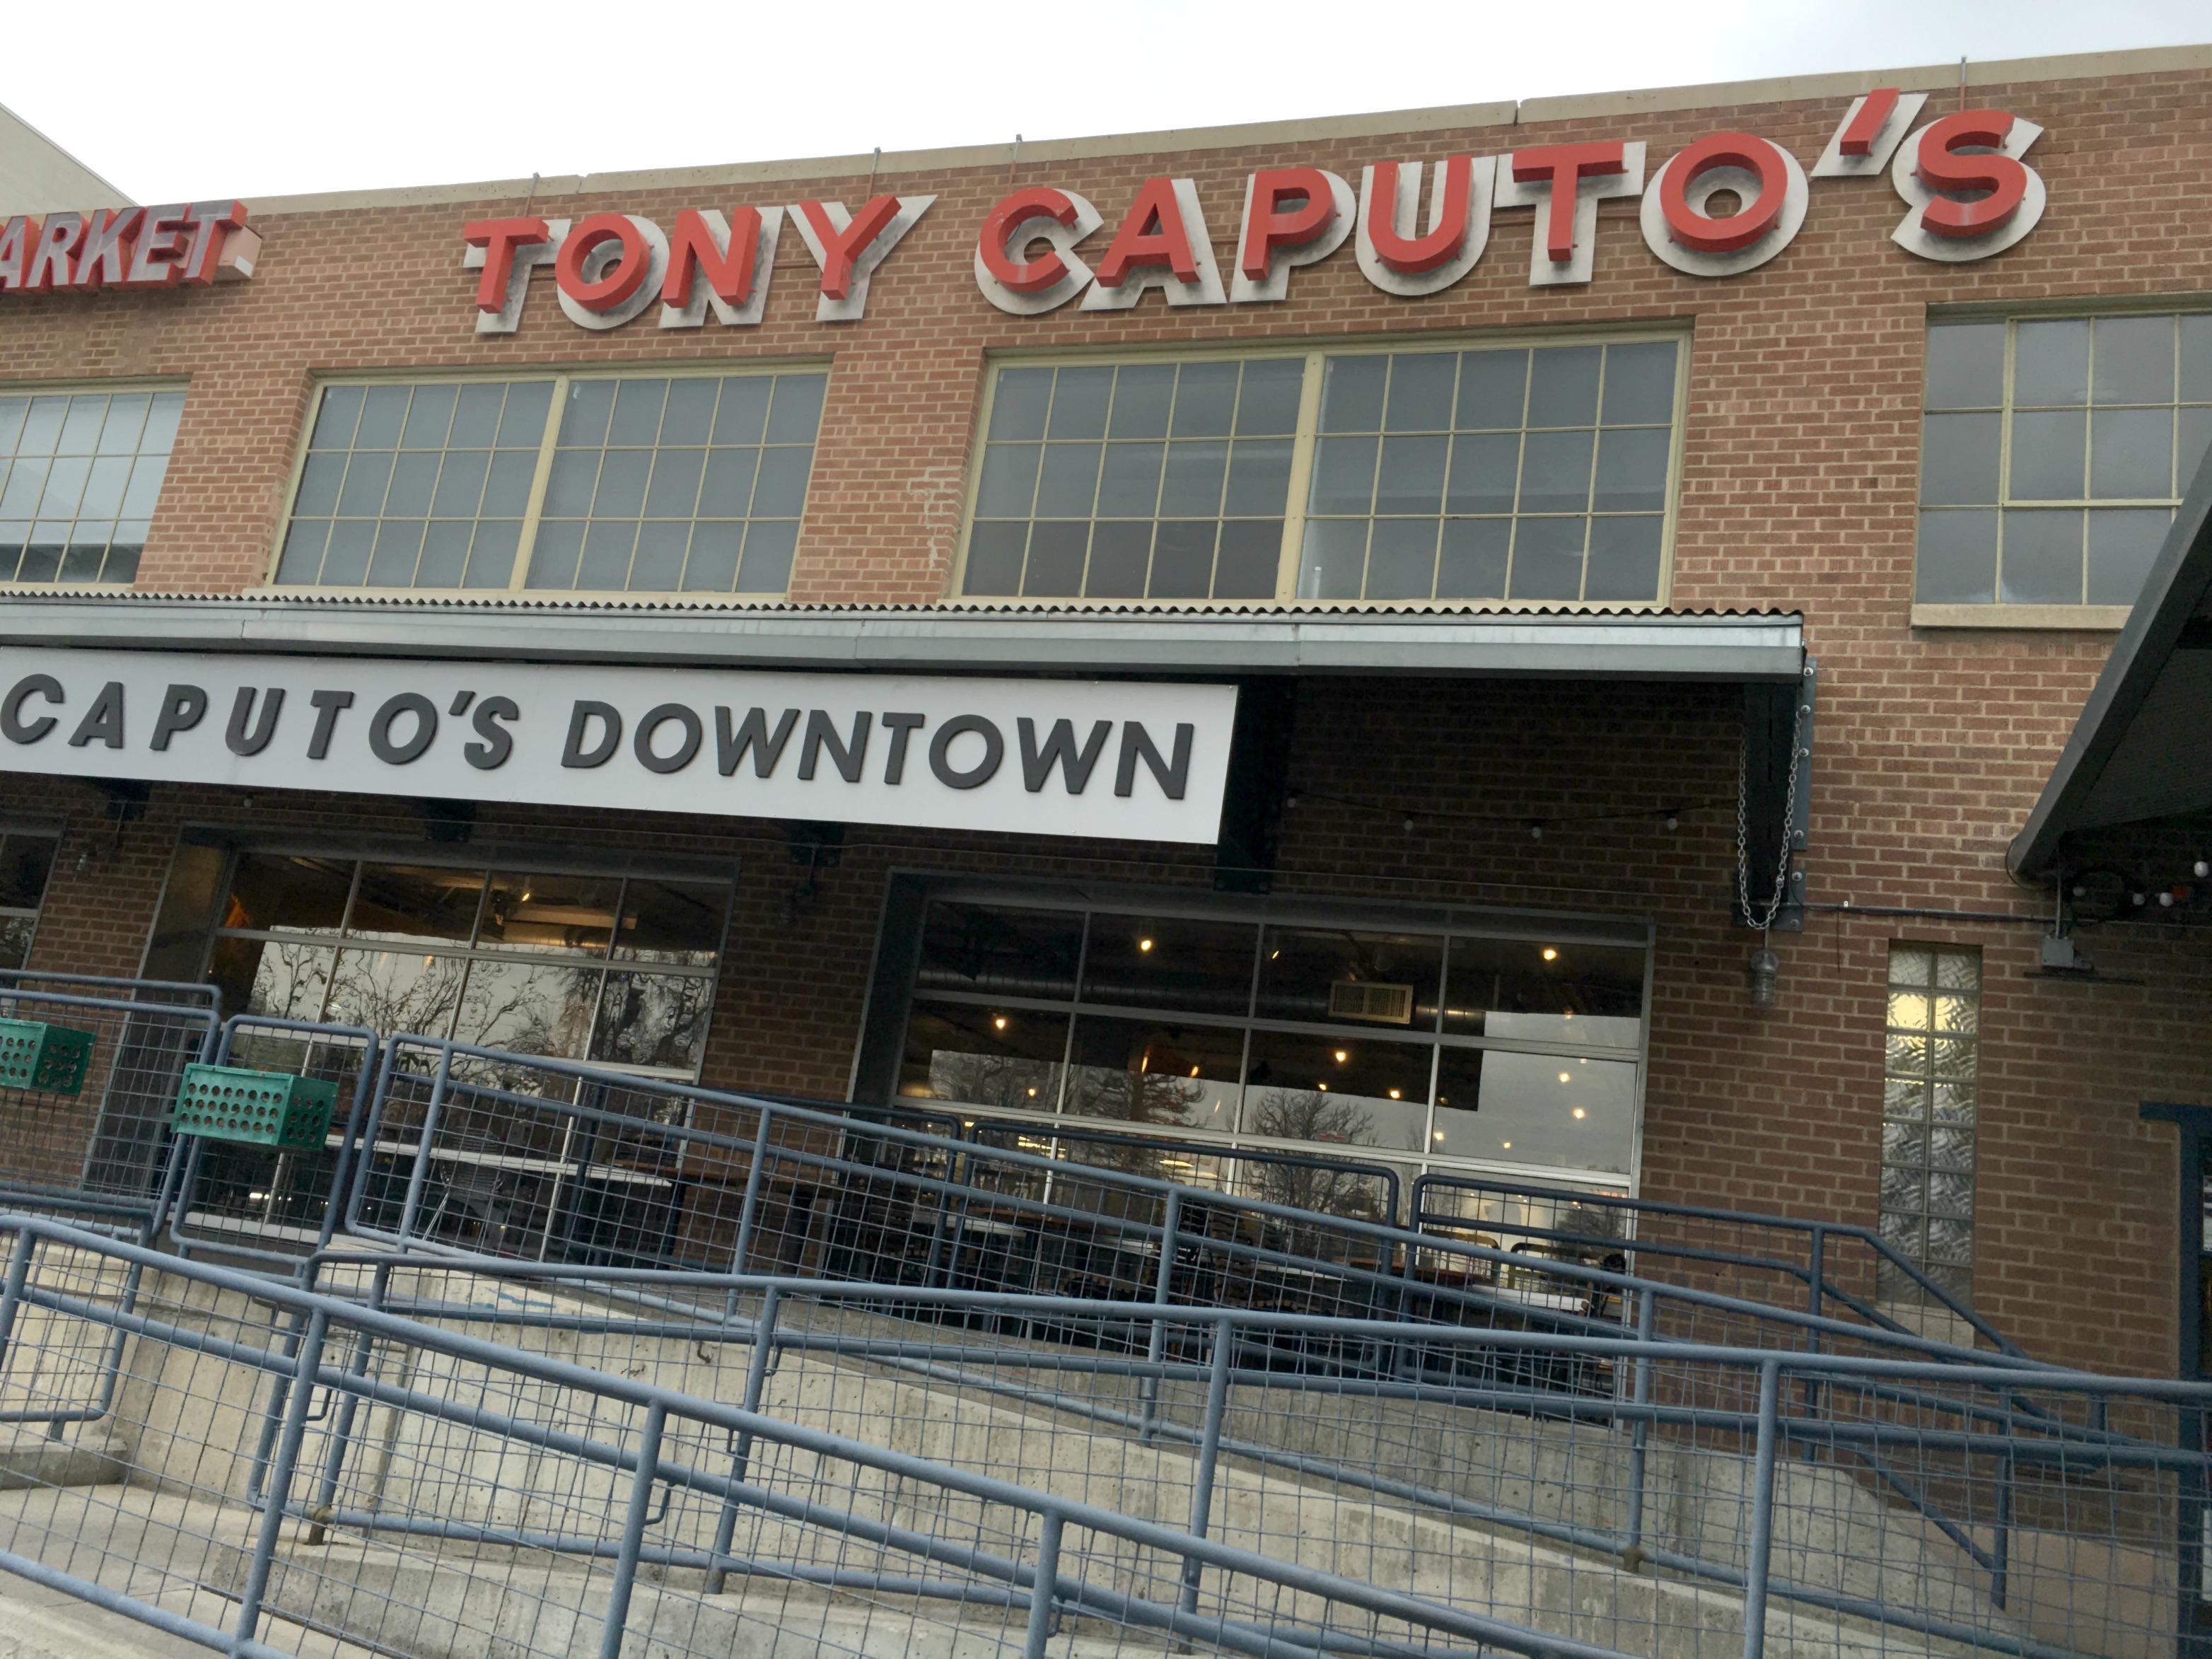 Tony Caputo's